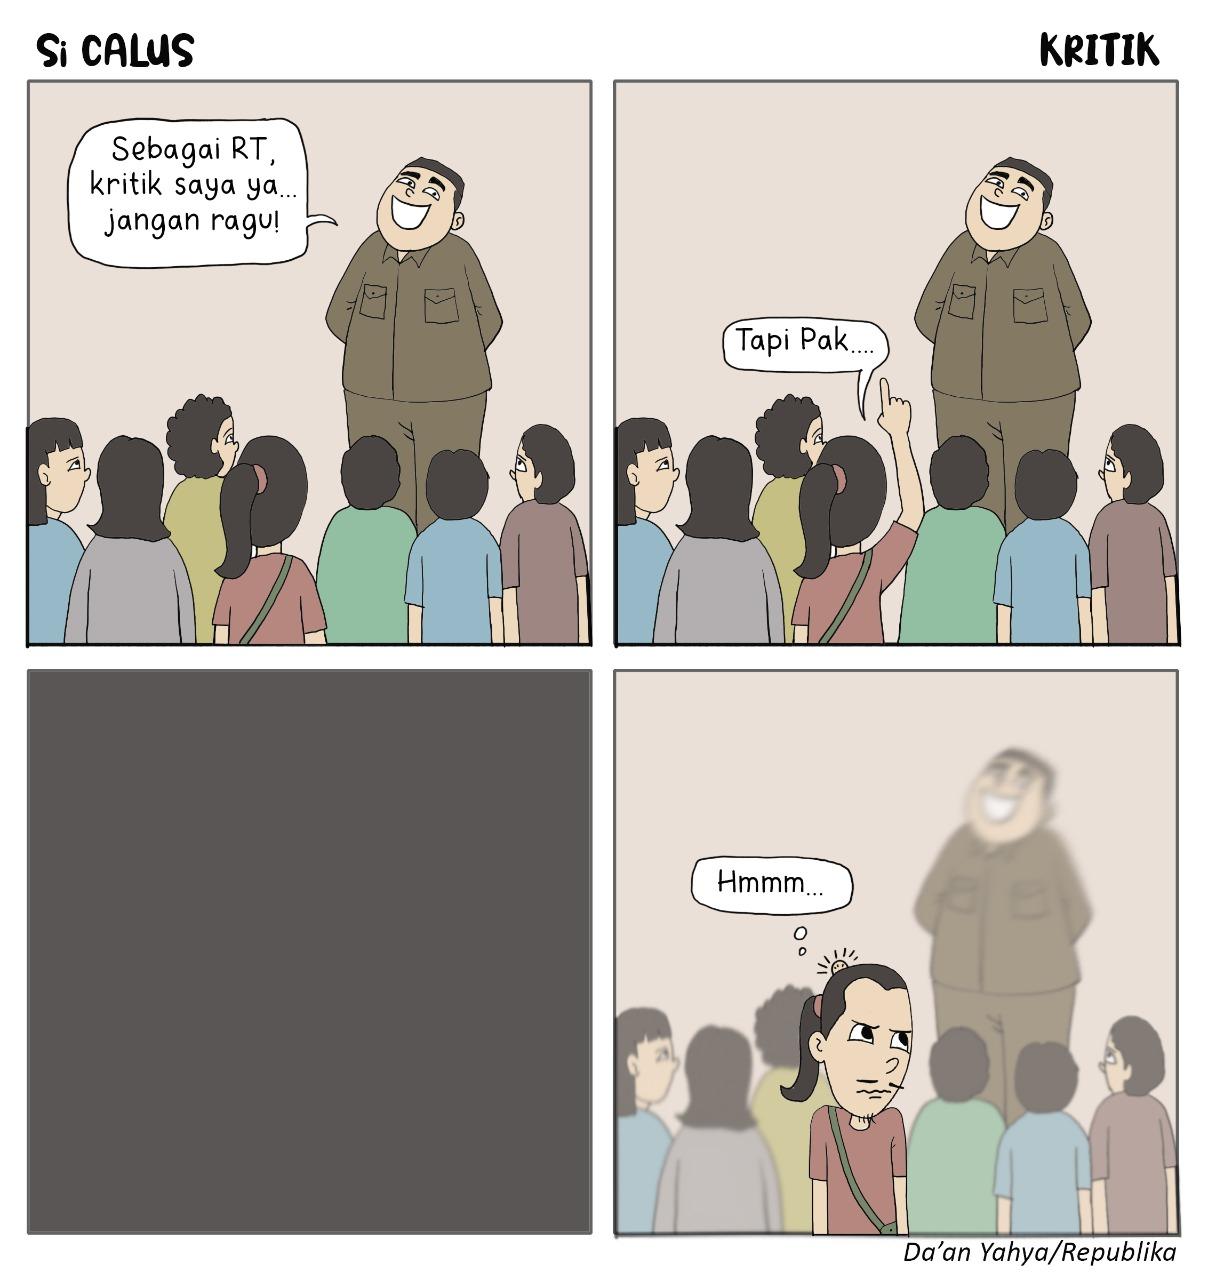 Komik Si Calus Kritik